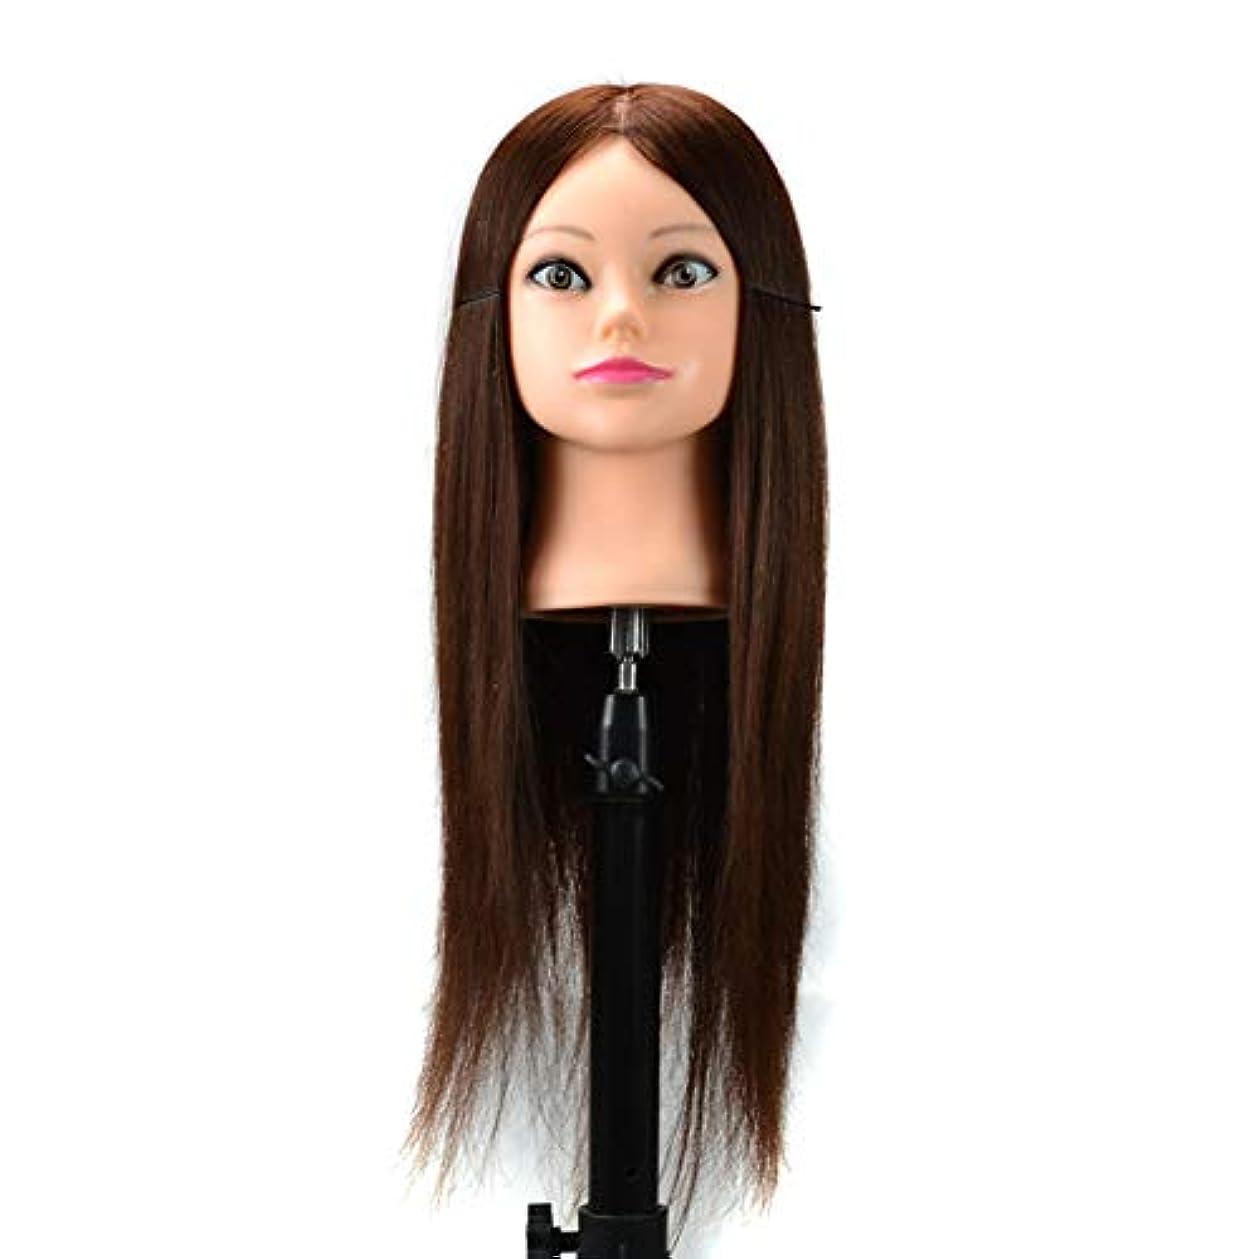 名声去るブラウン人間の髪の毛のトレーニングヘッドにすることができますヘアカール練習ヘッド型スタイリング編組ダミーヘッドディスクヘアメイクウィッグマネキンヘッド